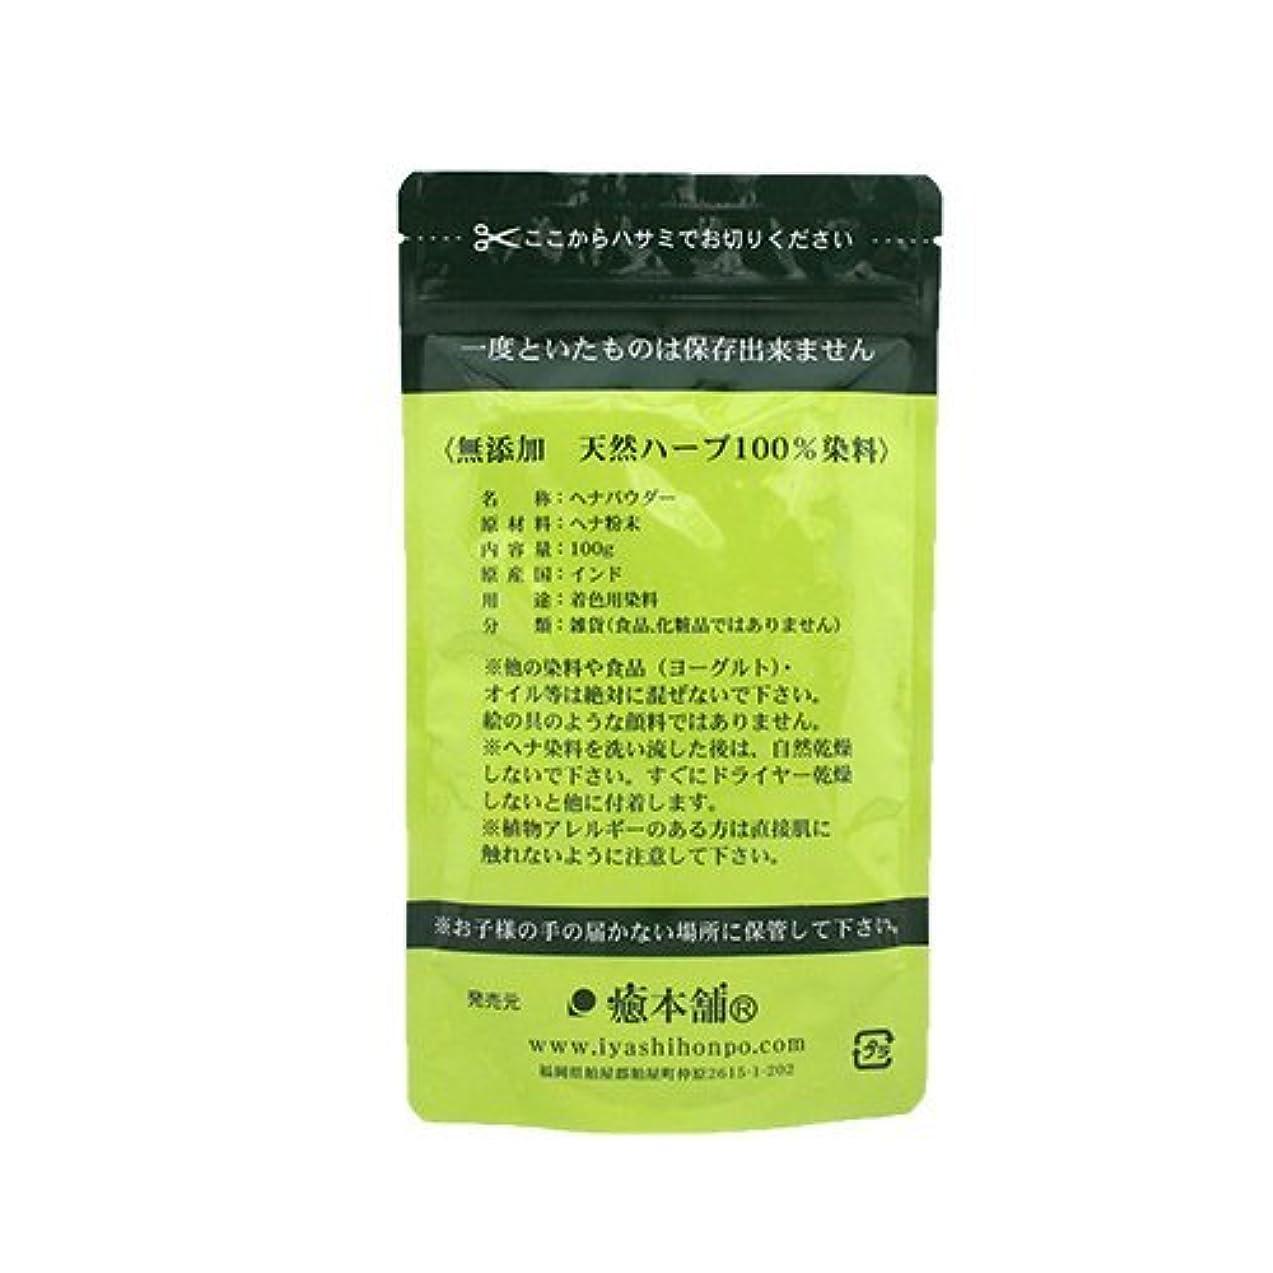 保存する正規化保証癒本舗 ヘナ(天然染料100%) 100g